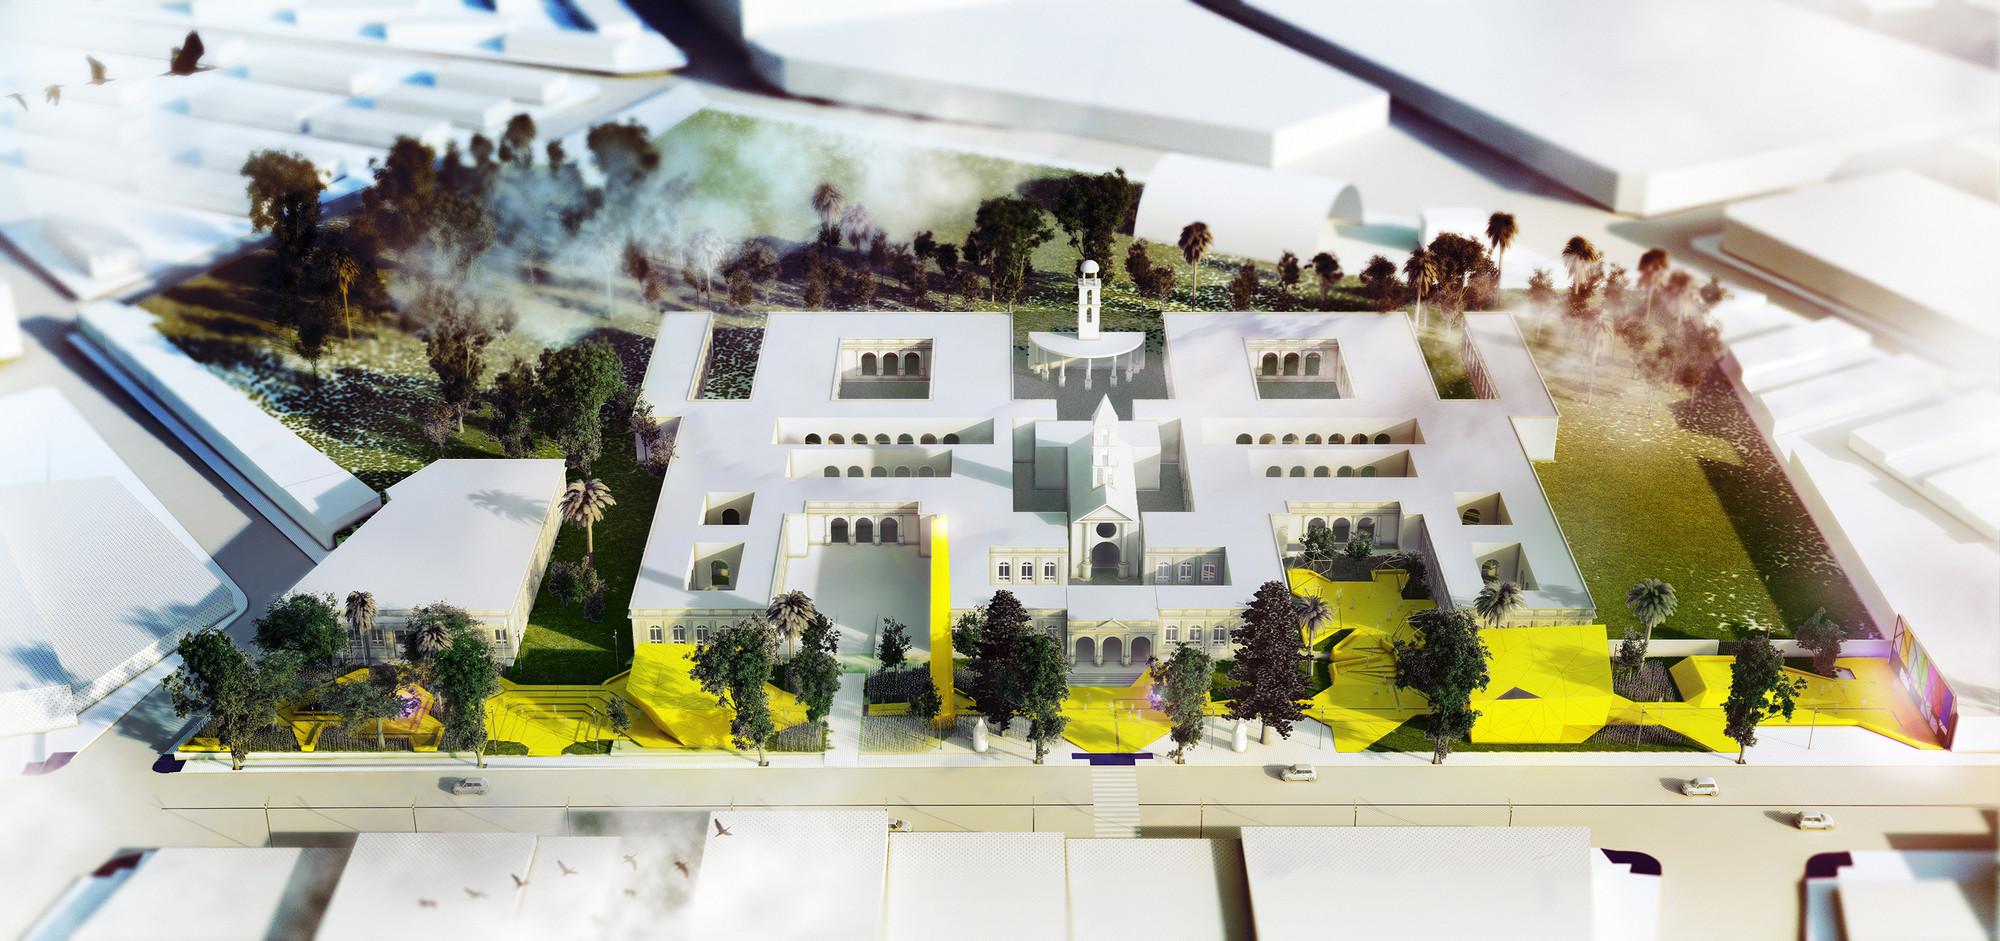 'Jardín Vilardebó', resignificación arquitectónica de la exclusión, el aislamiento y la corrección, Cortesia de Marcos Bracco y Nacho Correa